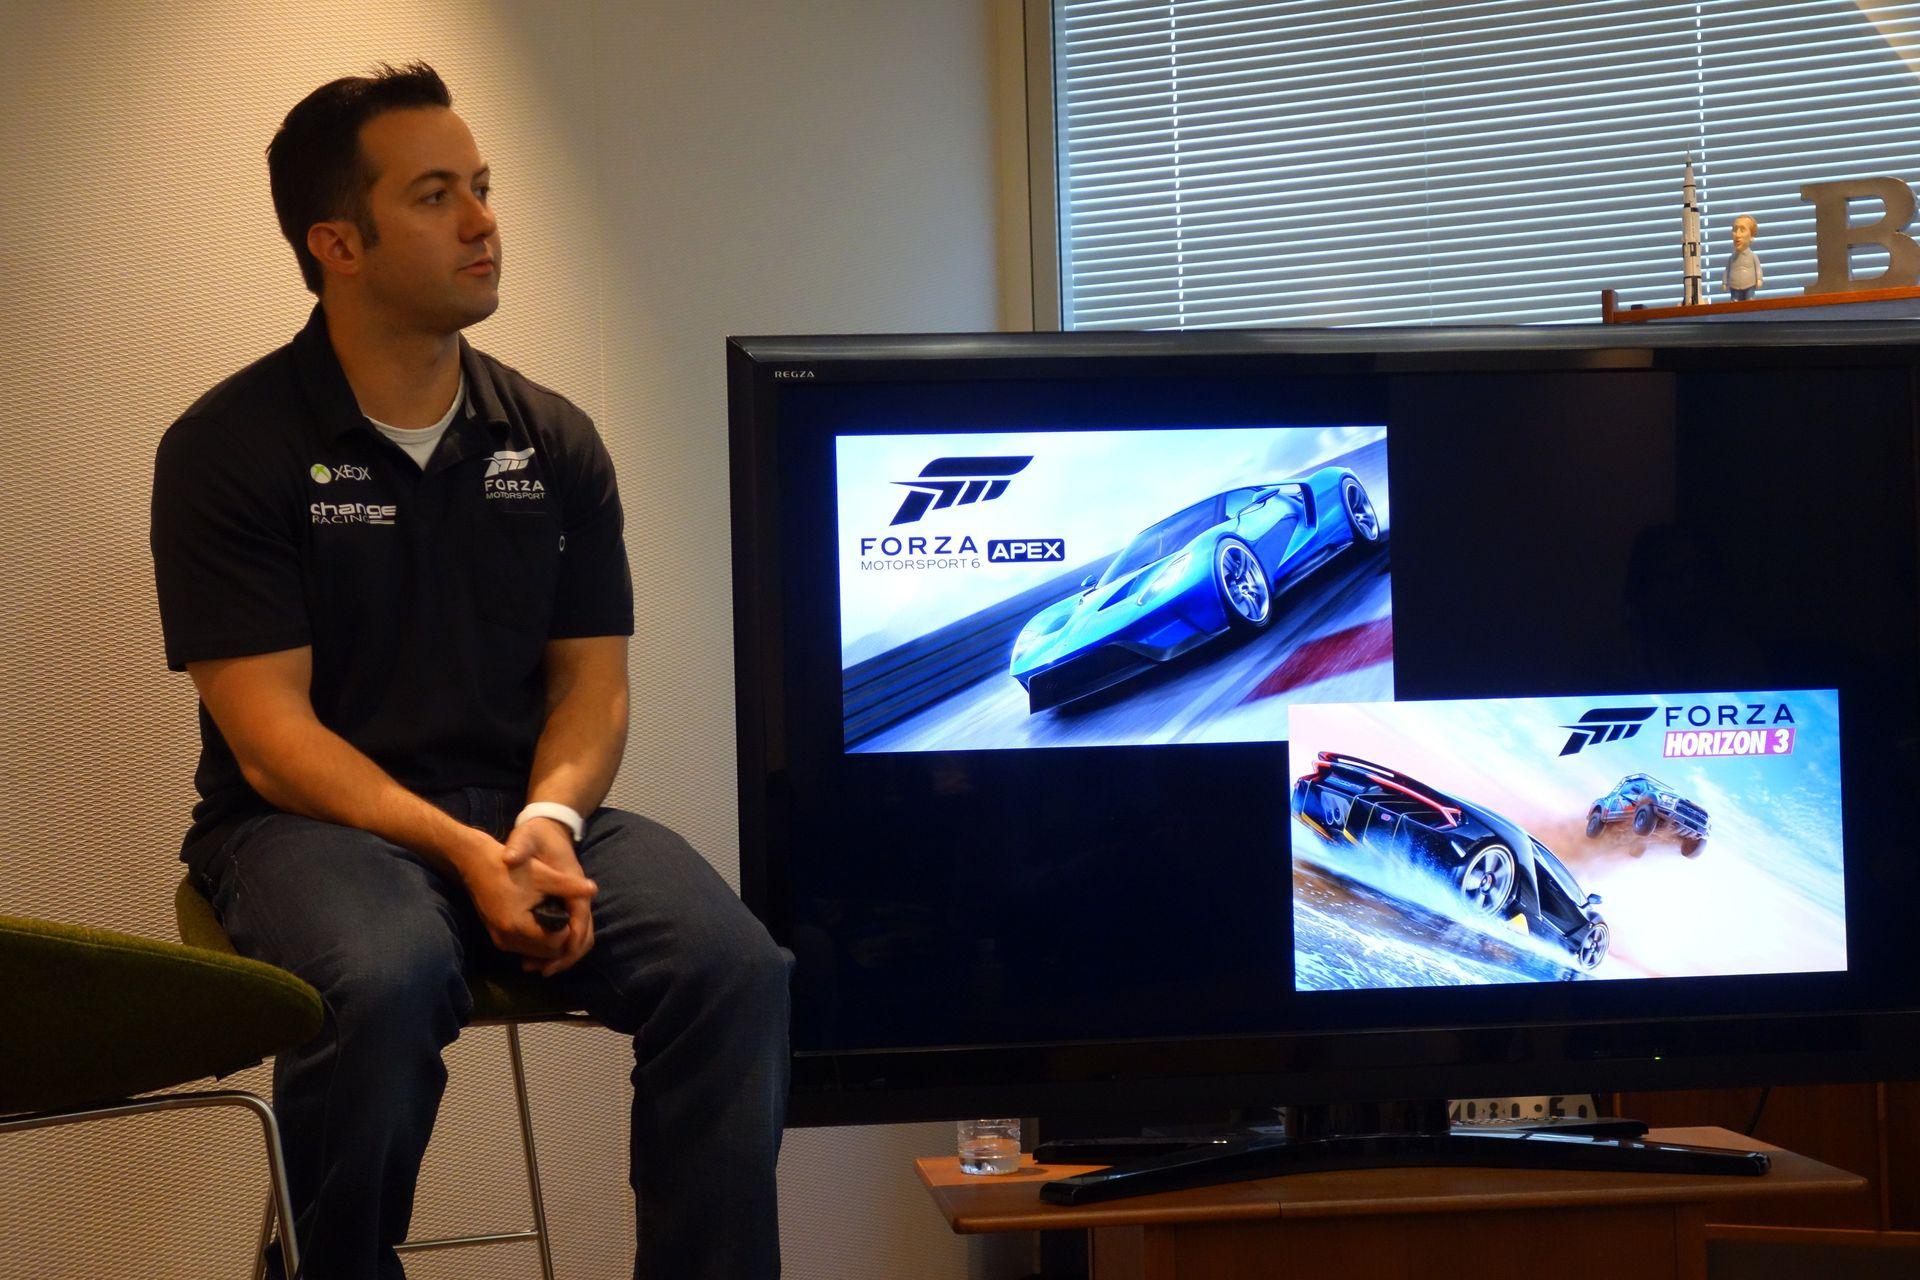 「Forza Horizon 3」の成功の裏には、「Forza Motorsport 6: Apex」の存在があった